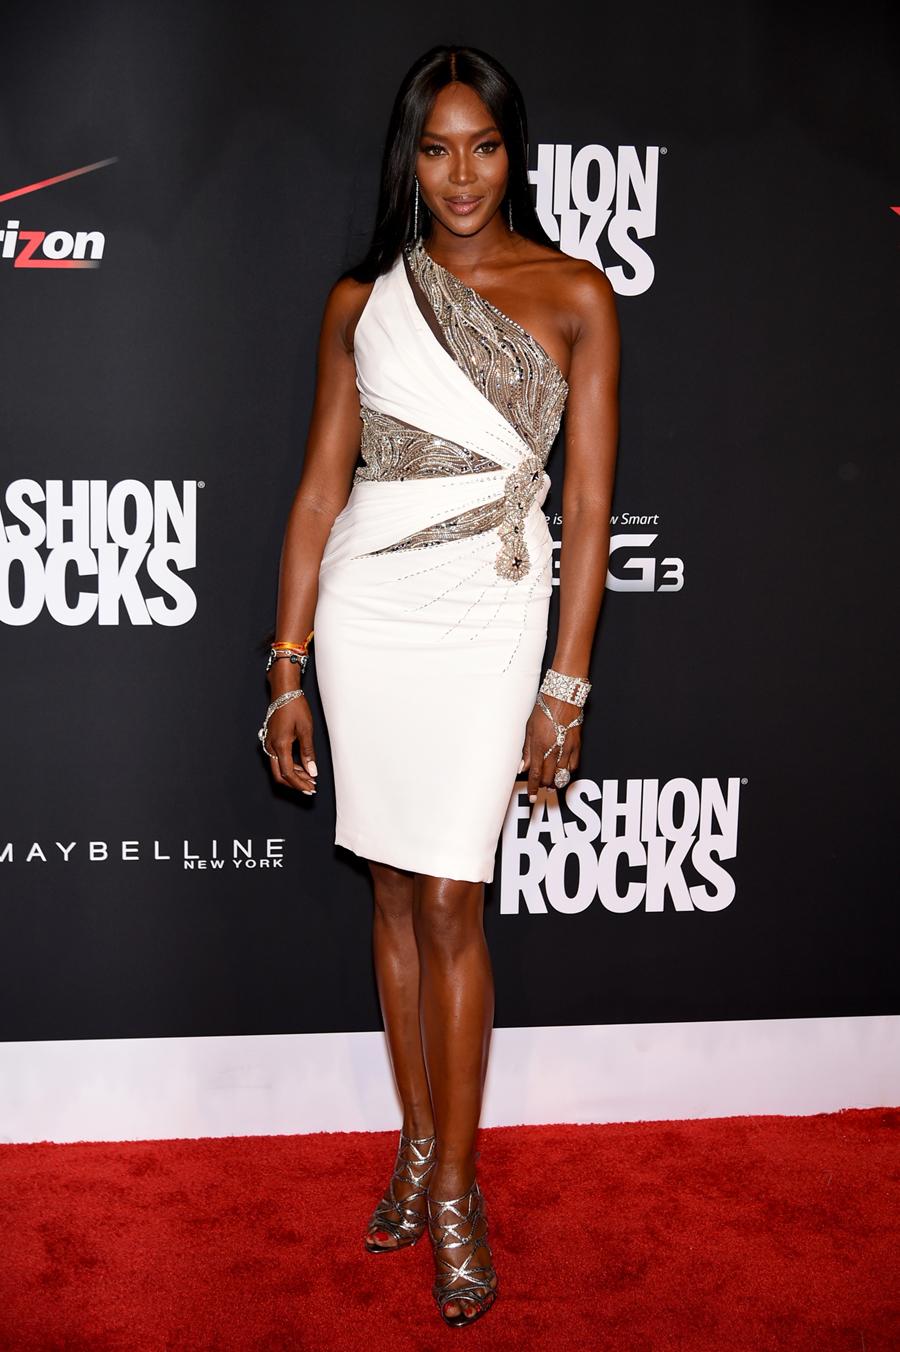 Naomi Campbell at Fashion Rocks